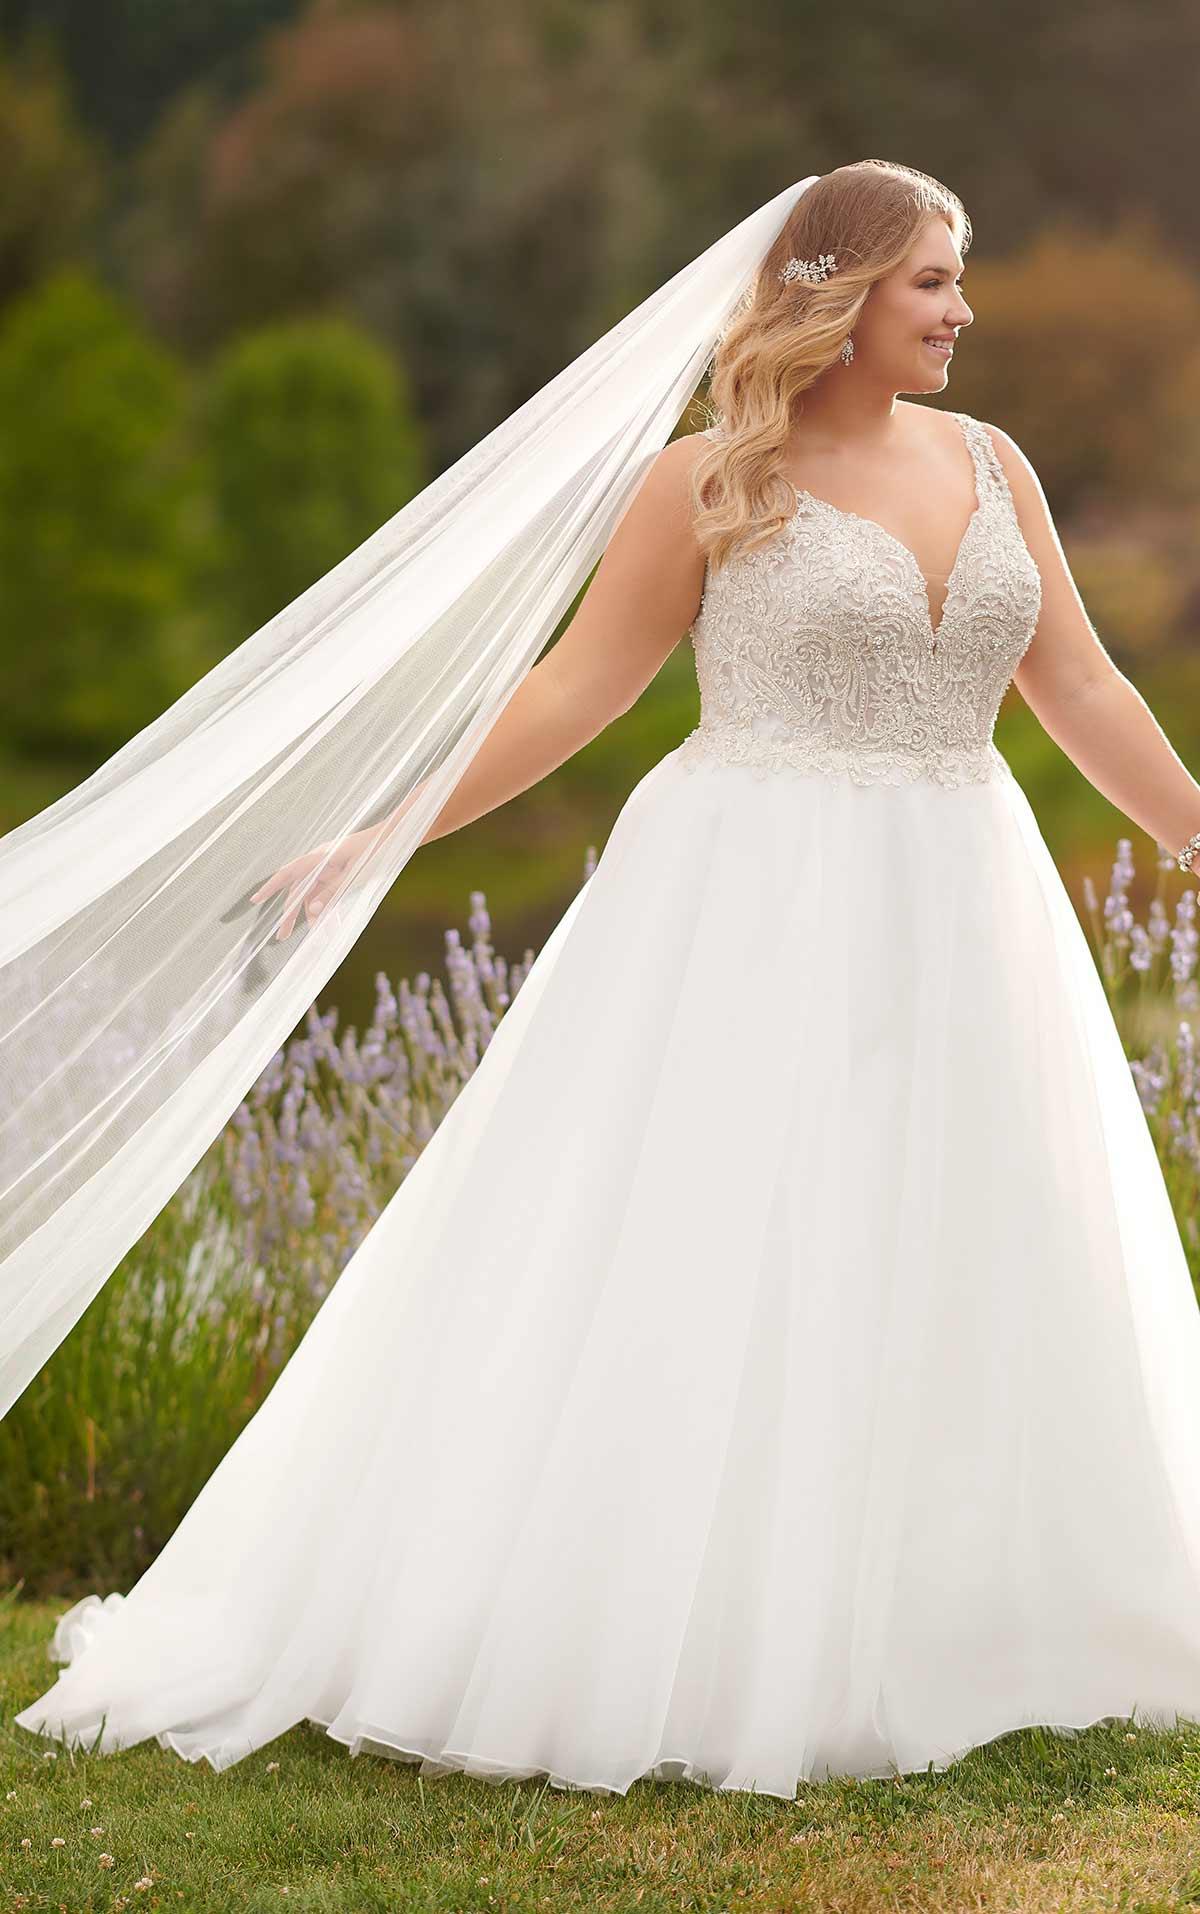 Brautkleider in großen Größen - Brautkleider, Brautmode